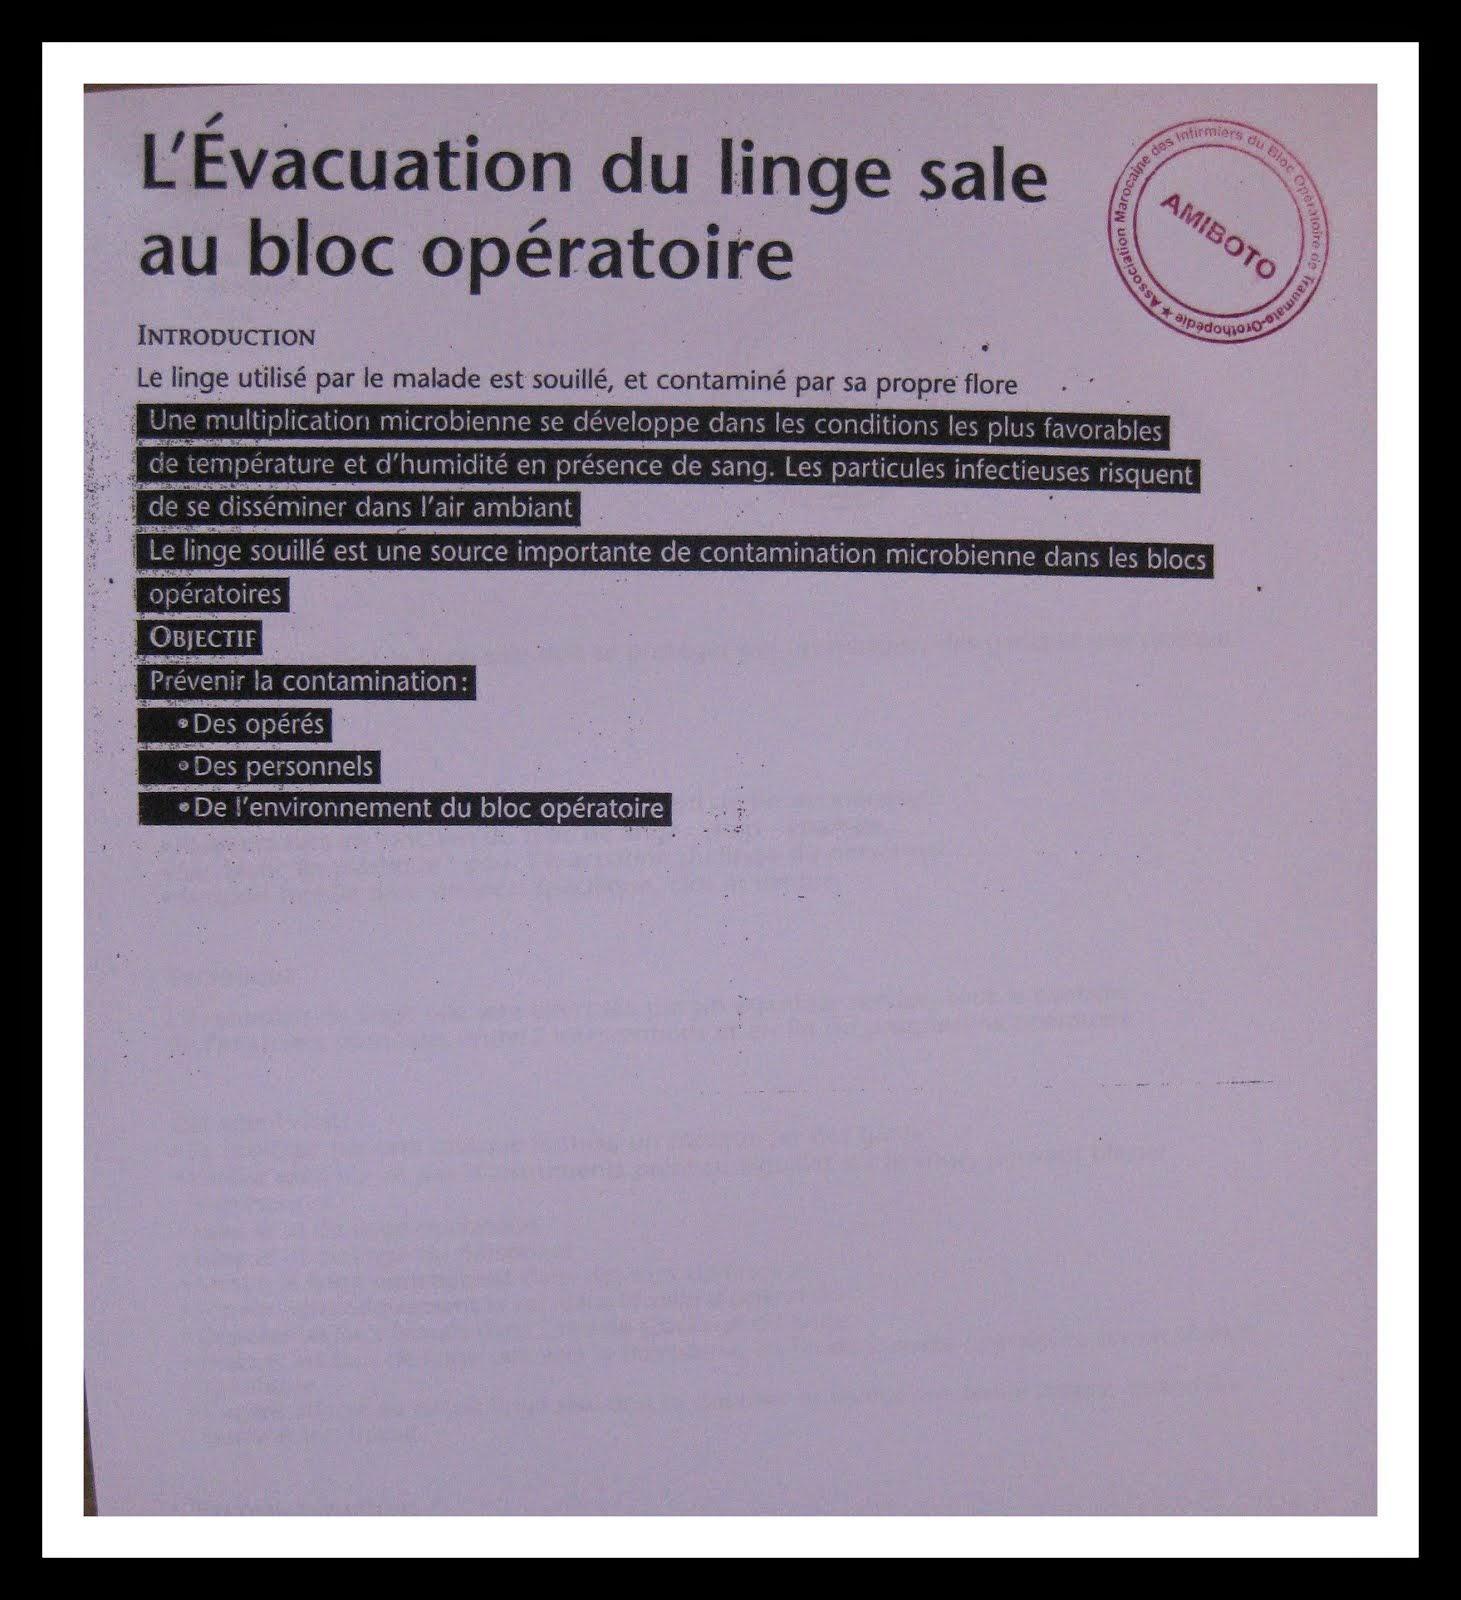 L EVACUATION DU LINGE SALE AU BLOC OPERATOIRE